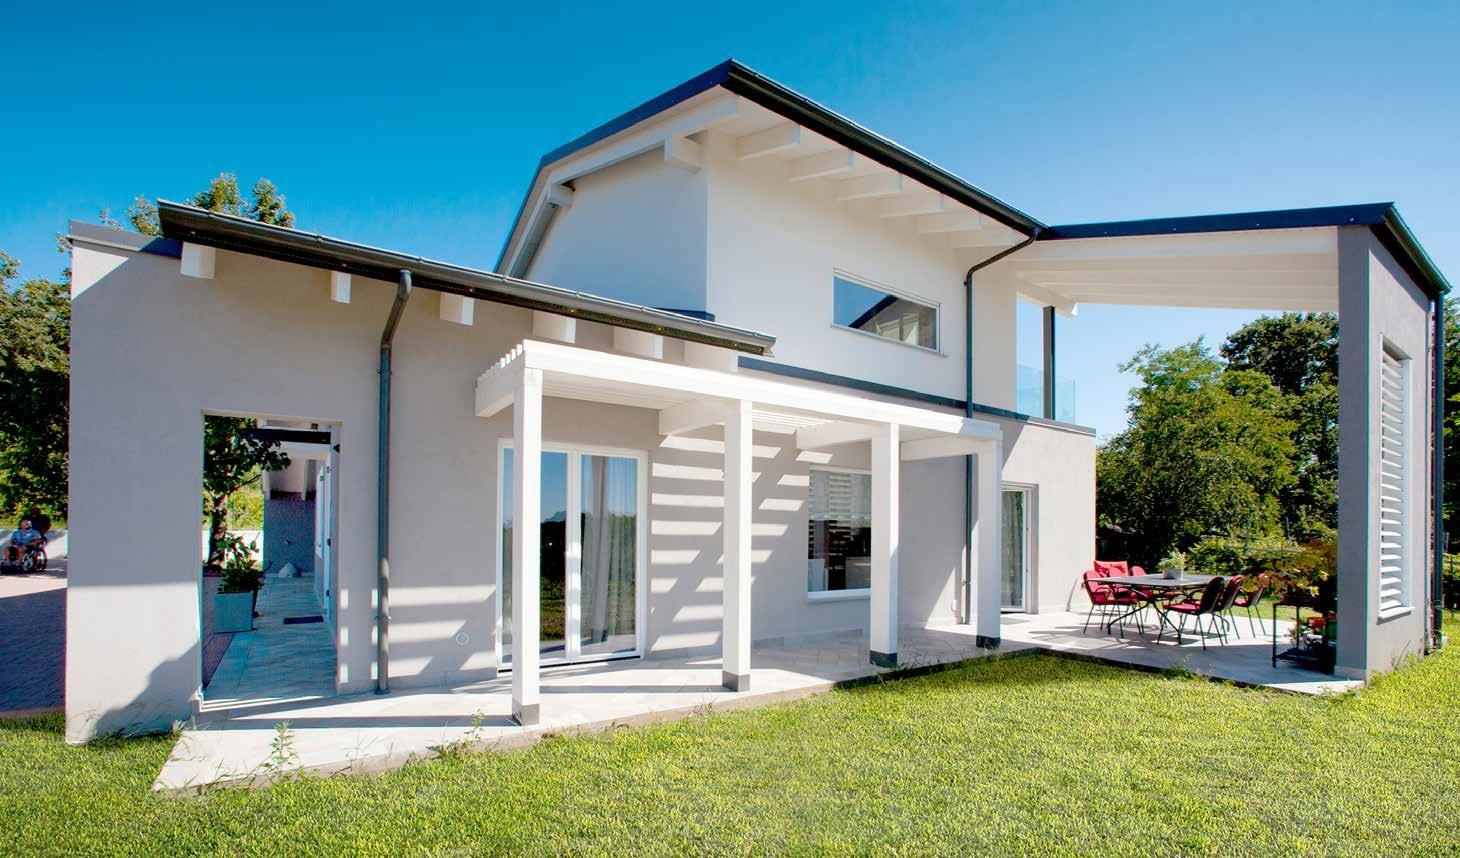 Casa da sogno design immerso nel verde - Casa ecologica autosufficiente ...